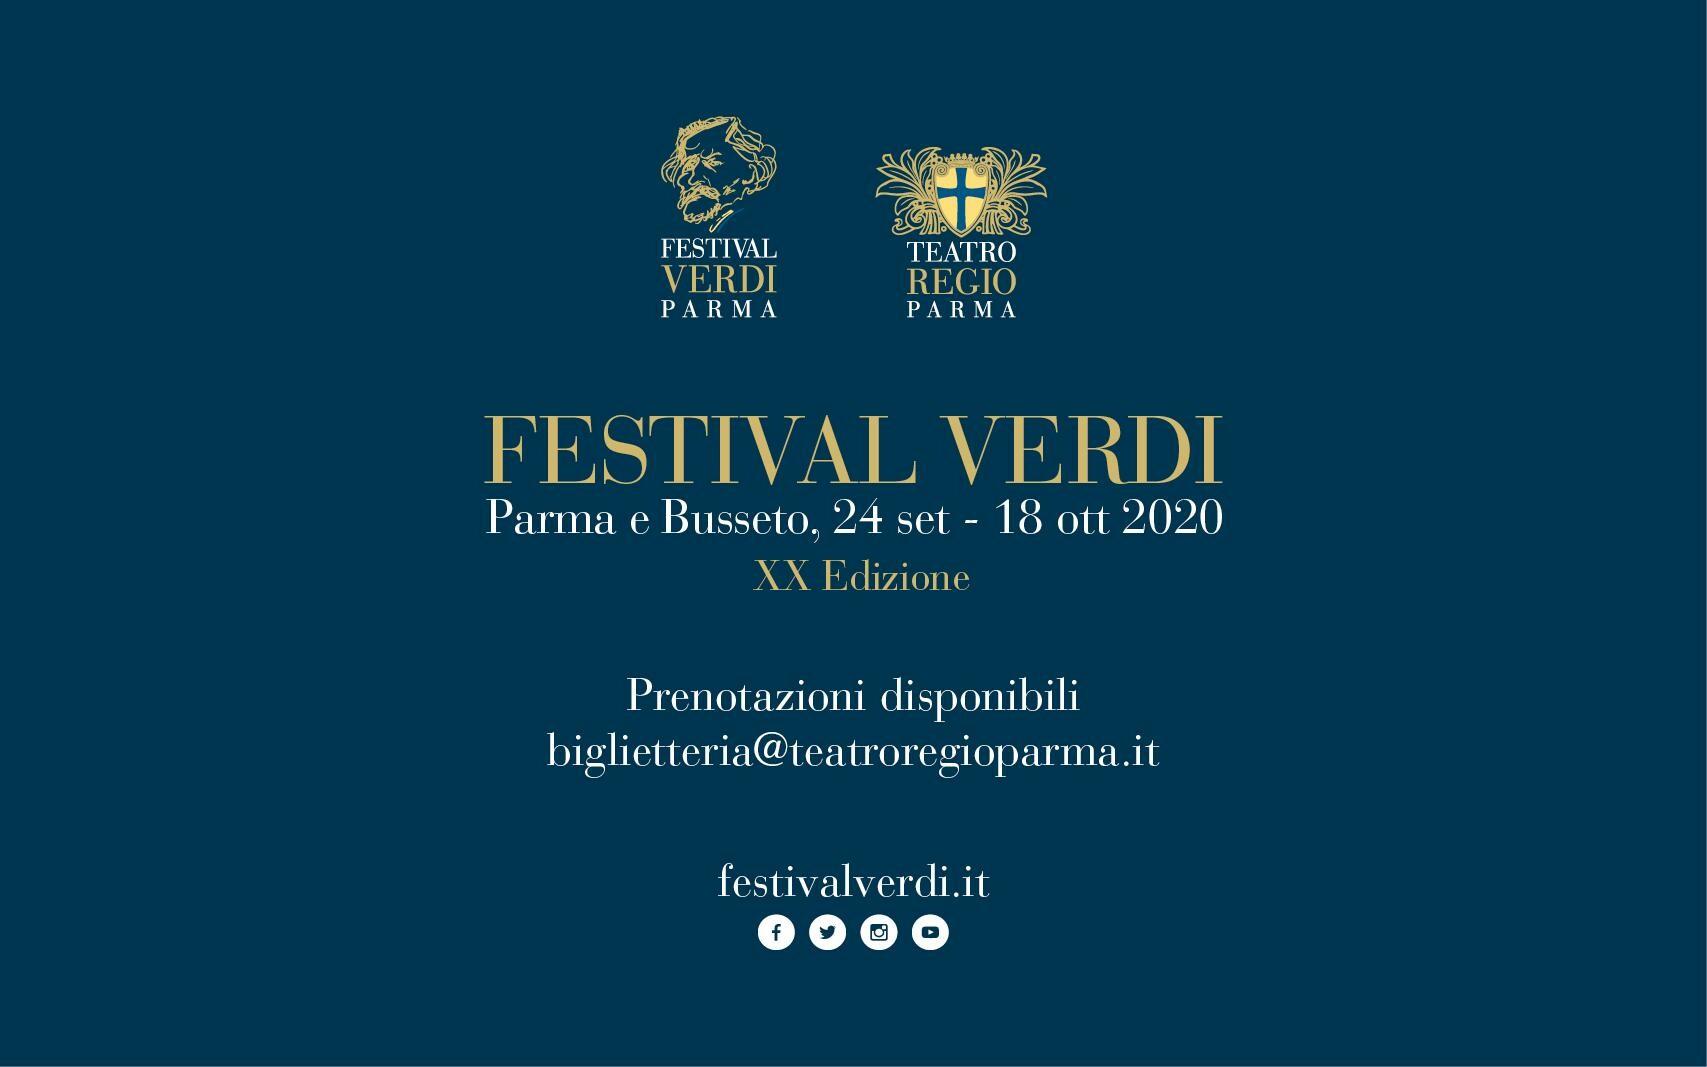 LE OPERE IN PROGRAMMA  AL FESTIVAL VERDI 2020  I Lombardi alla prima Crociata, Rigoletto,  Macbeth in versione francese, Ernani